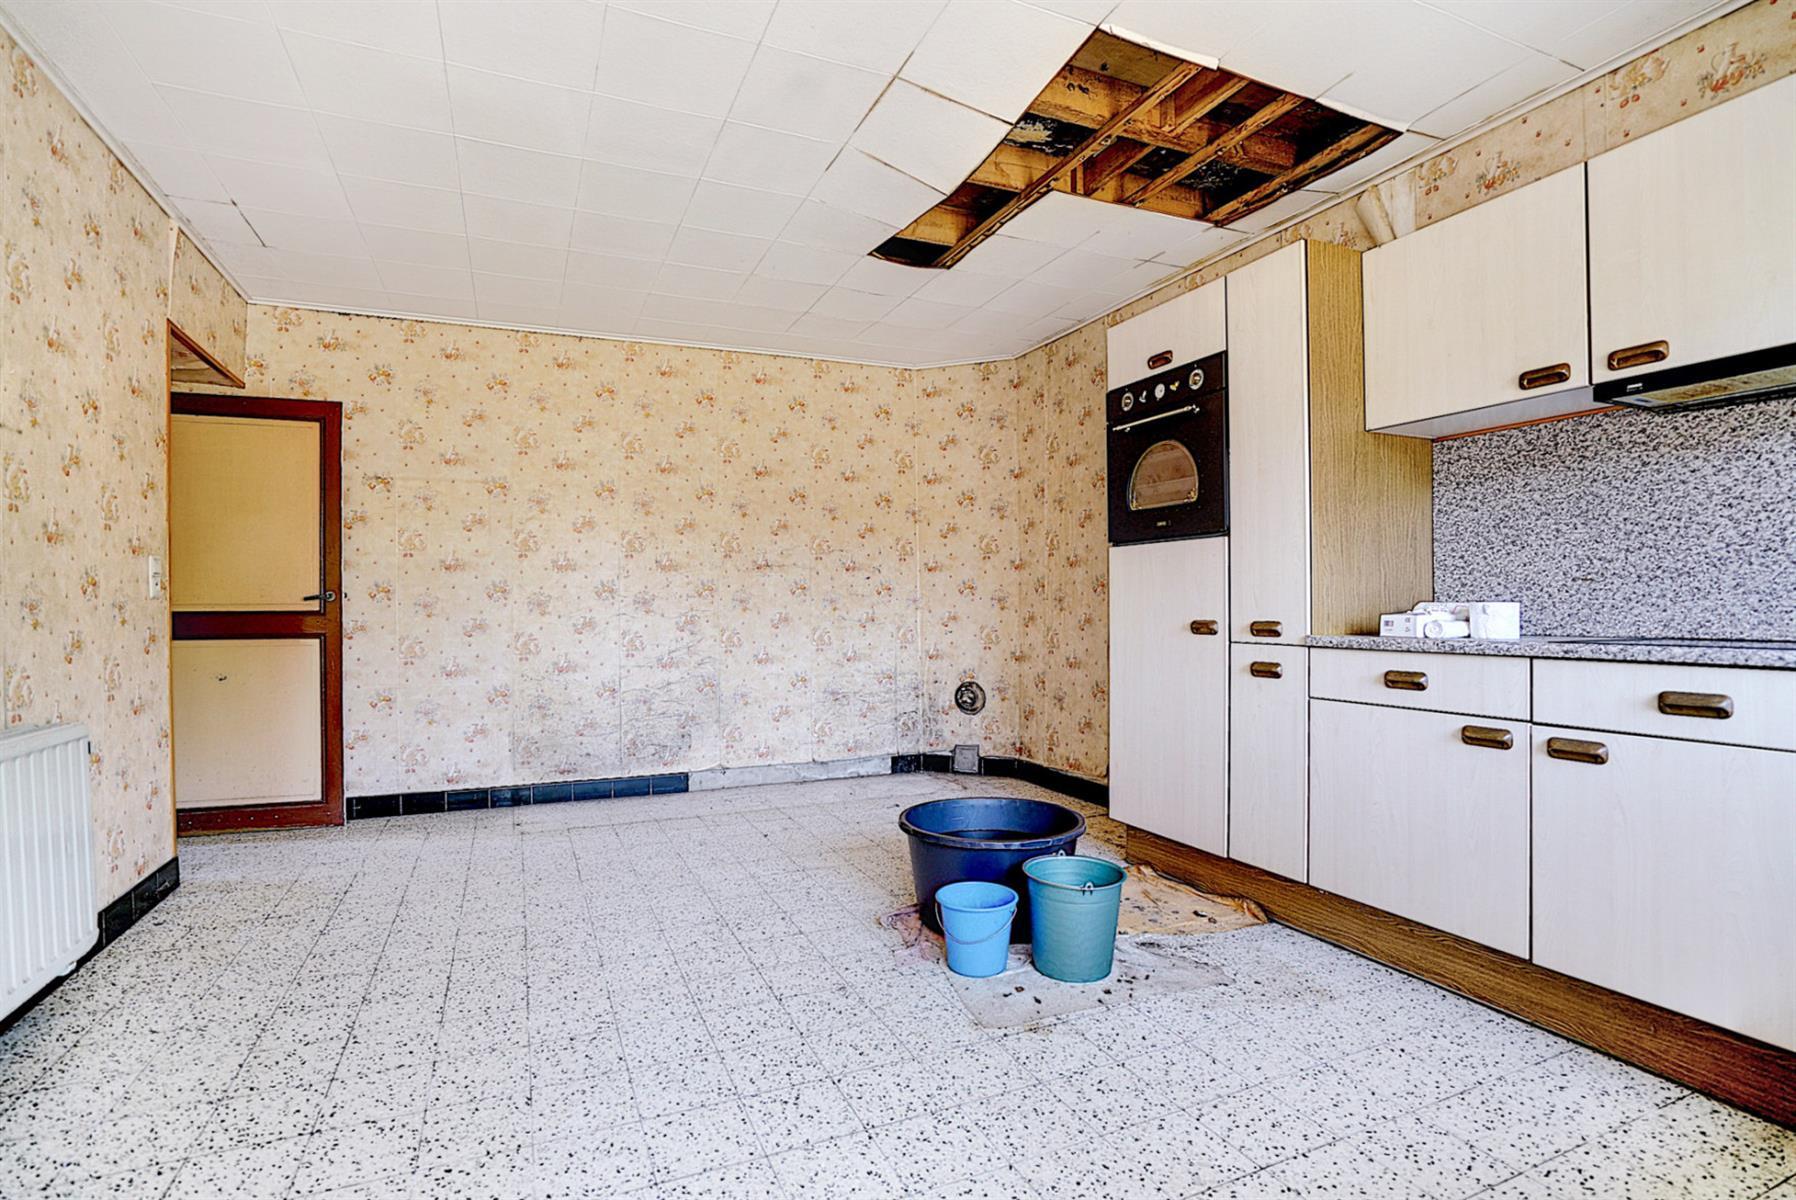 Maison - Chaumont-Gistoux - #3849419-3